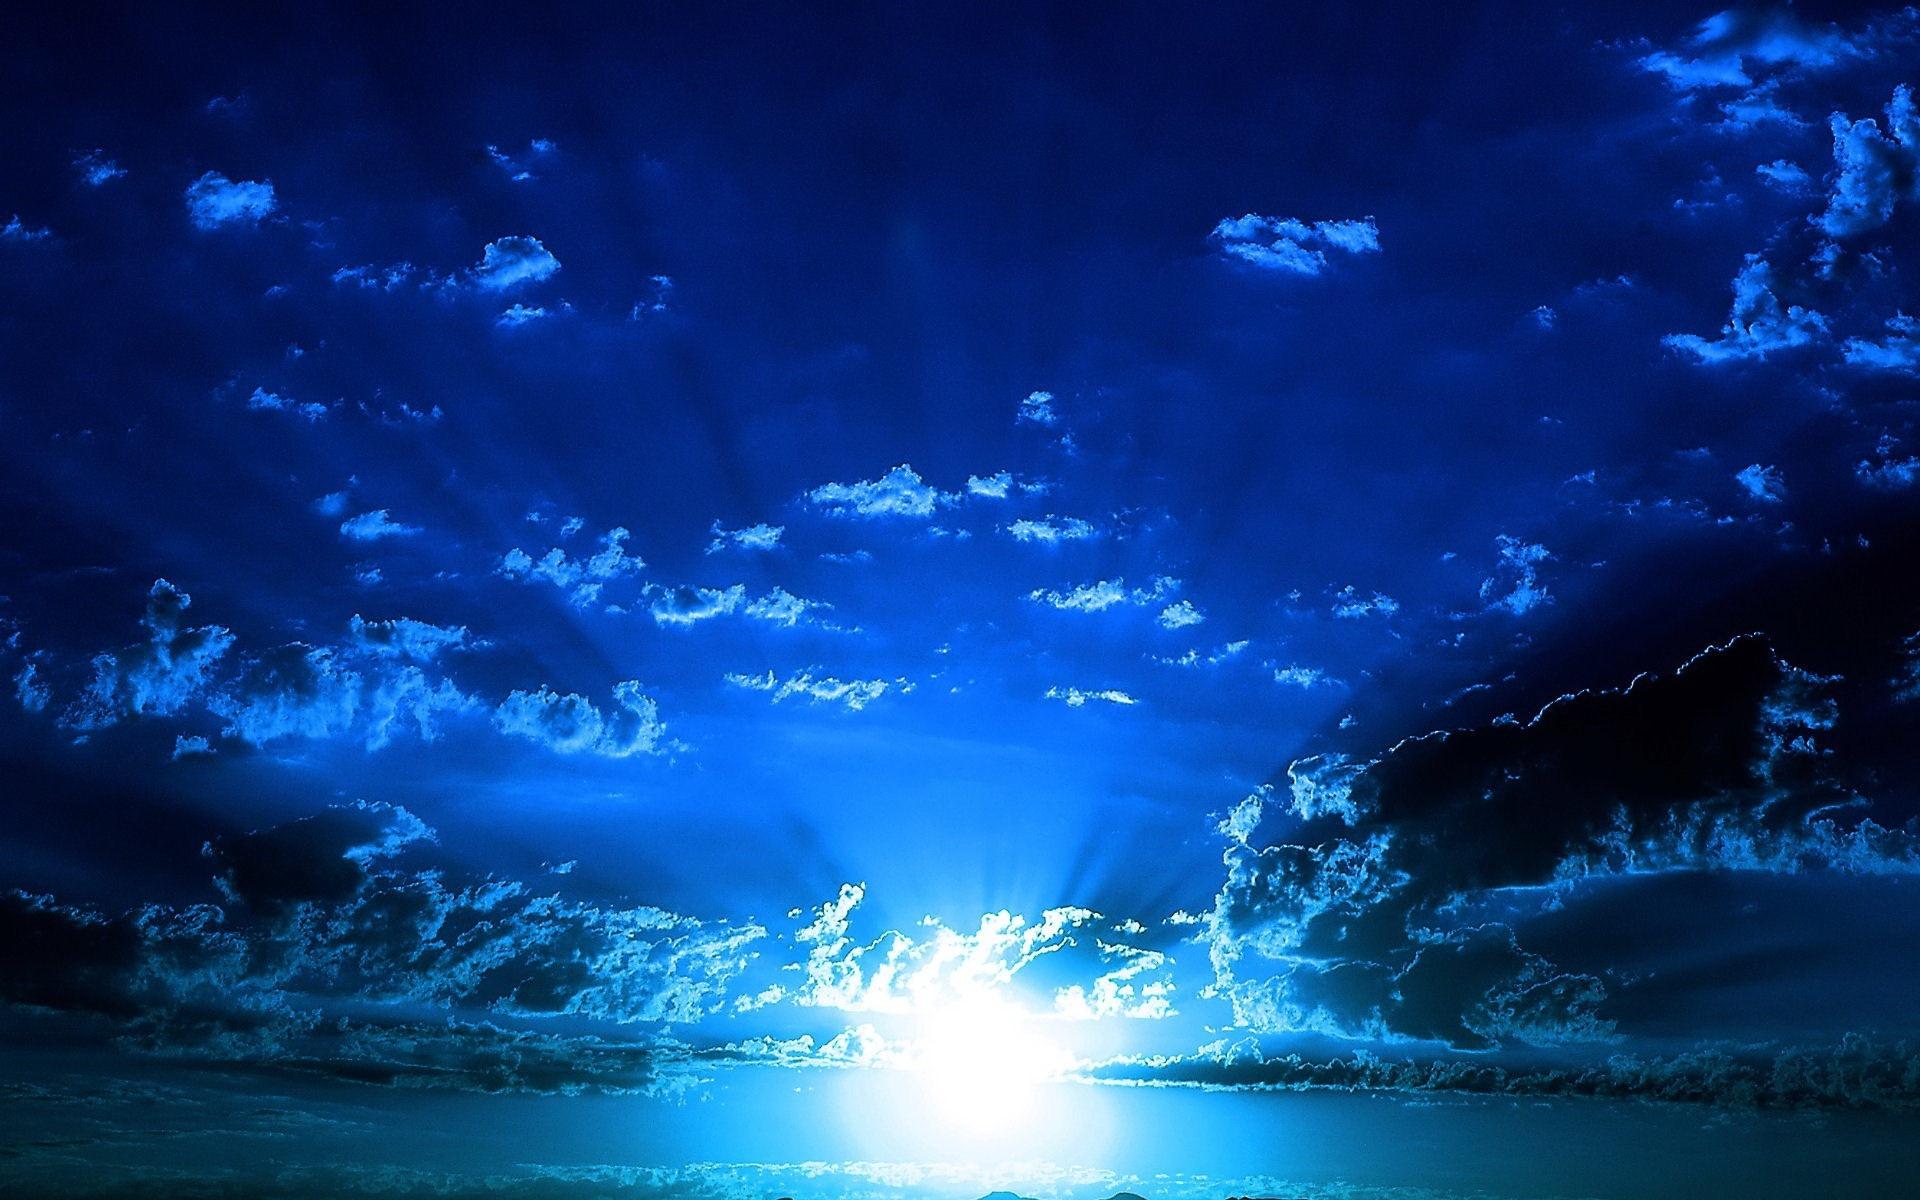 22940 скачать обои Пейзаж, Море, Солнце, Облака - заставки и картинки бесплатно